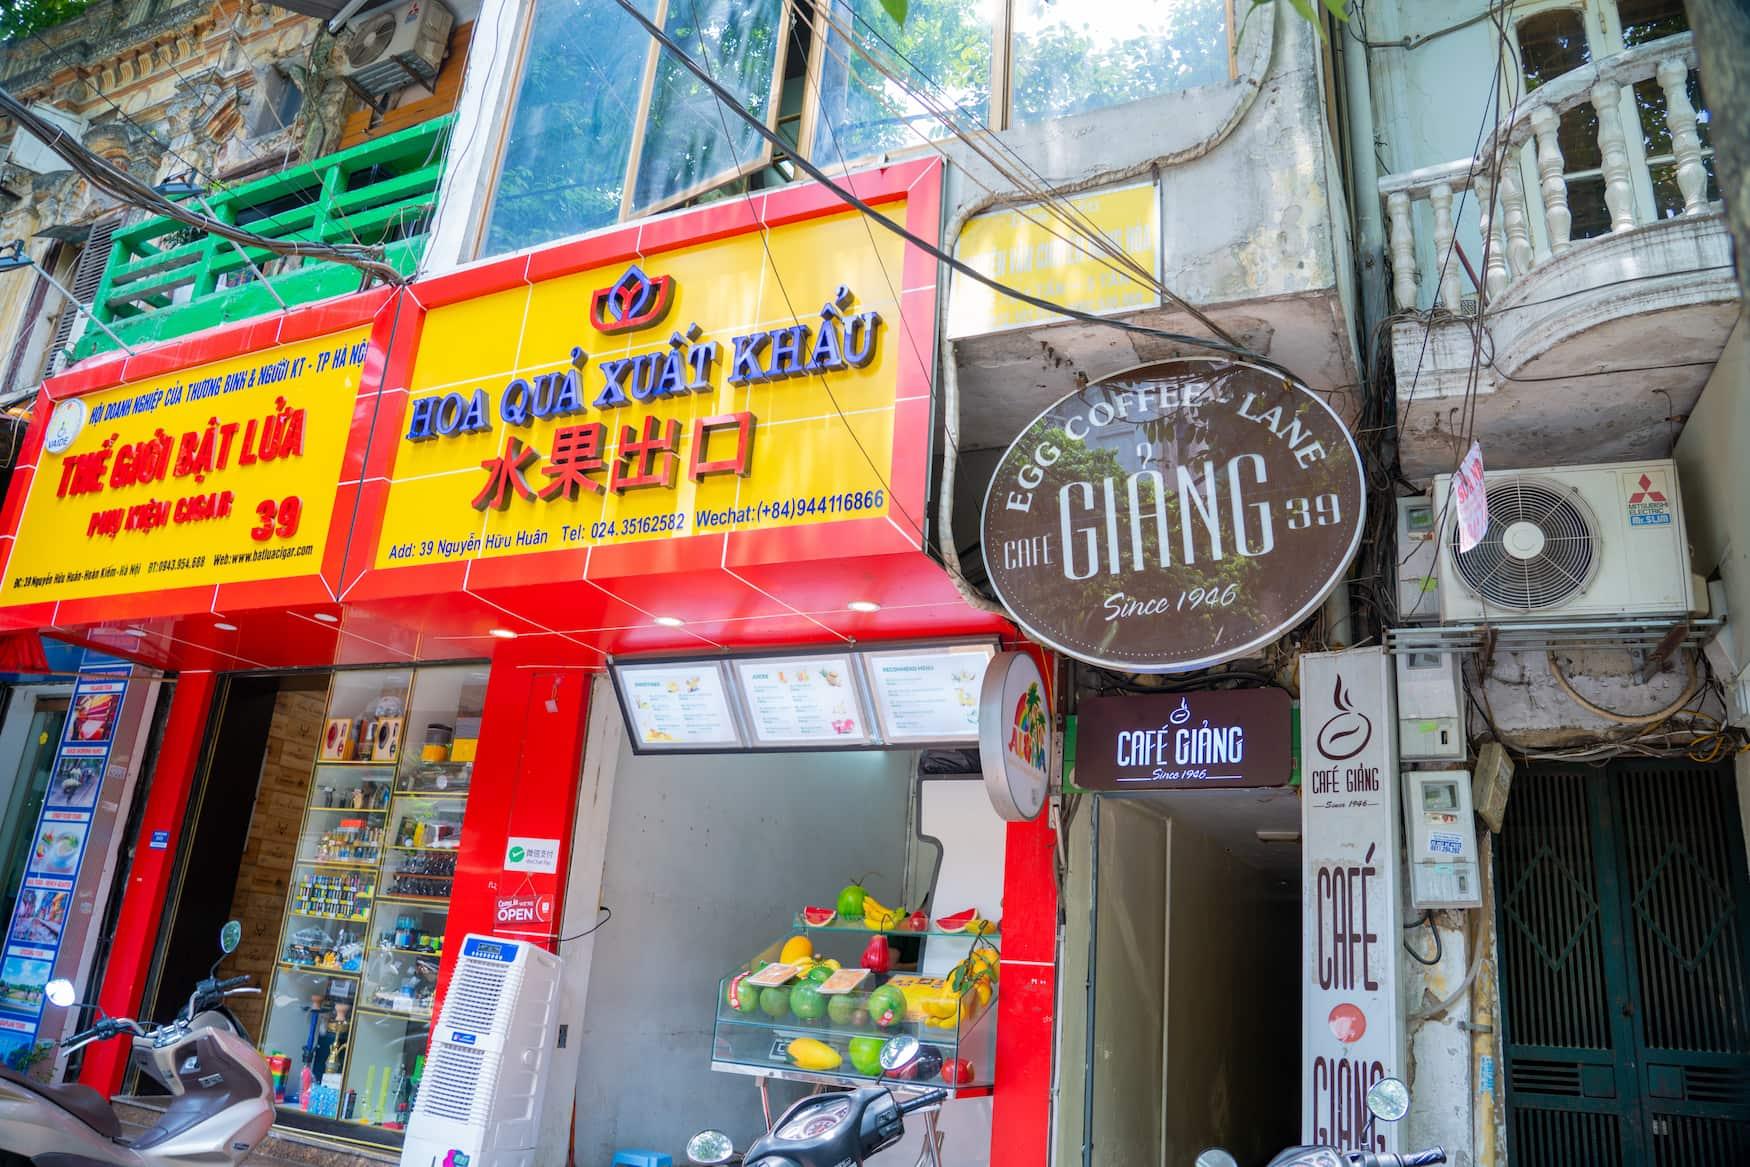 Eingang des Cafe Giang in Hanoi